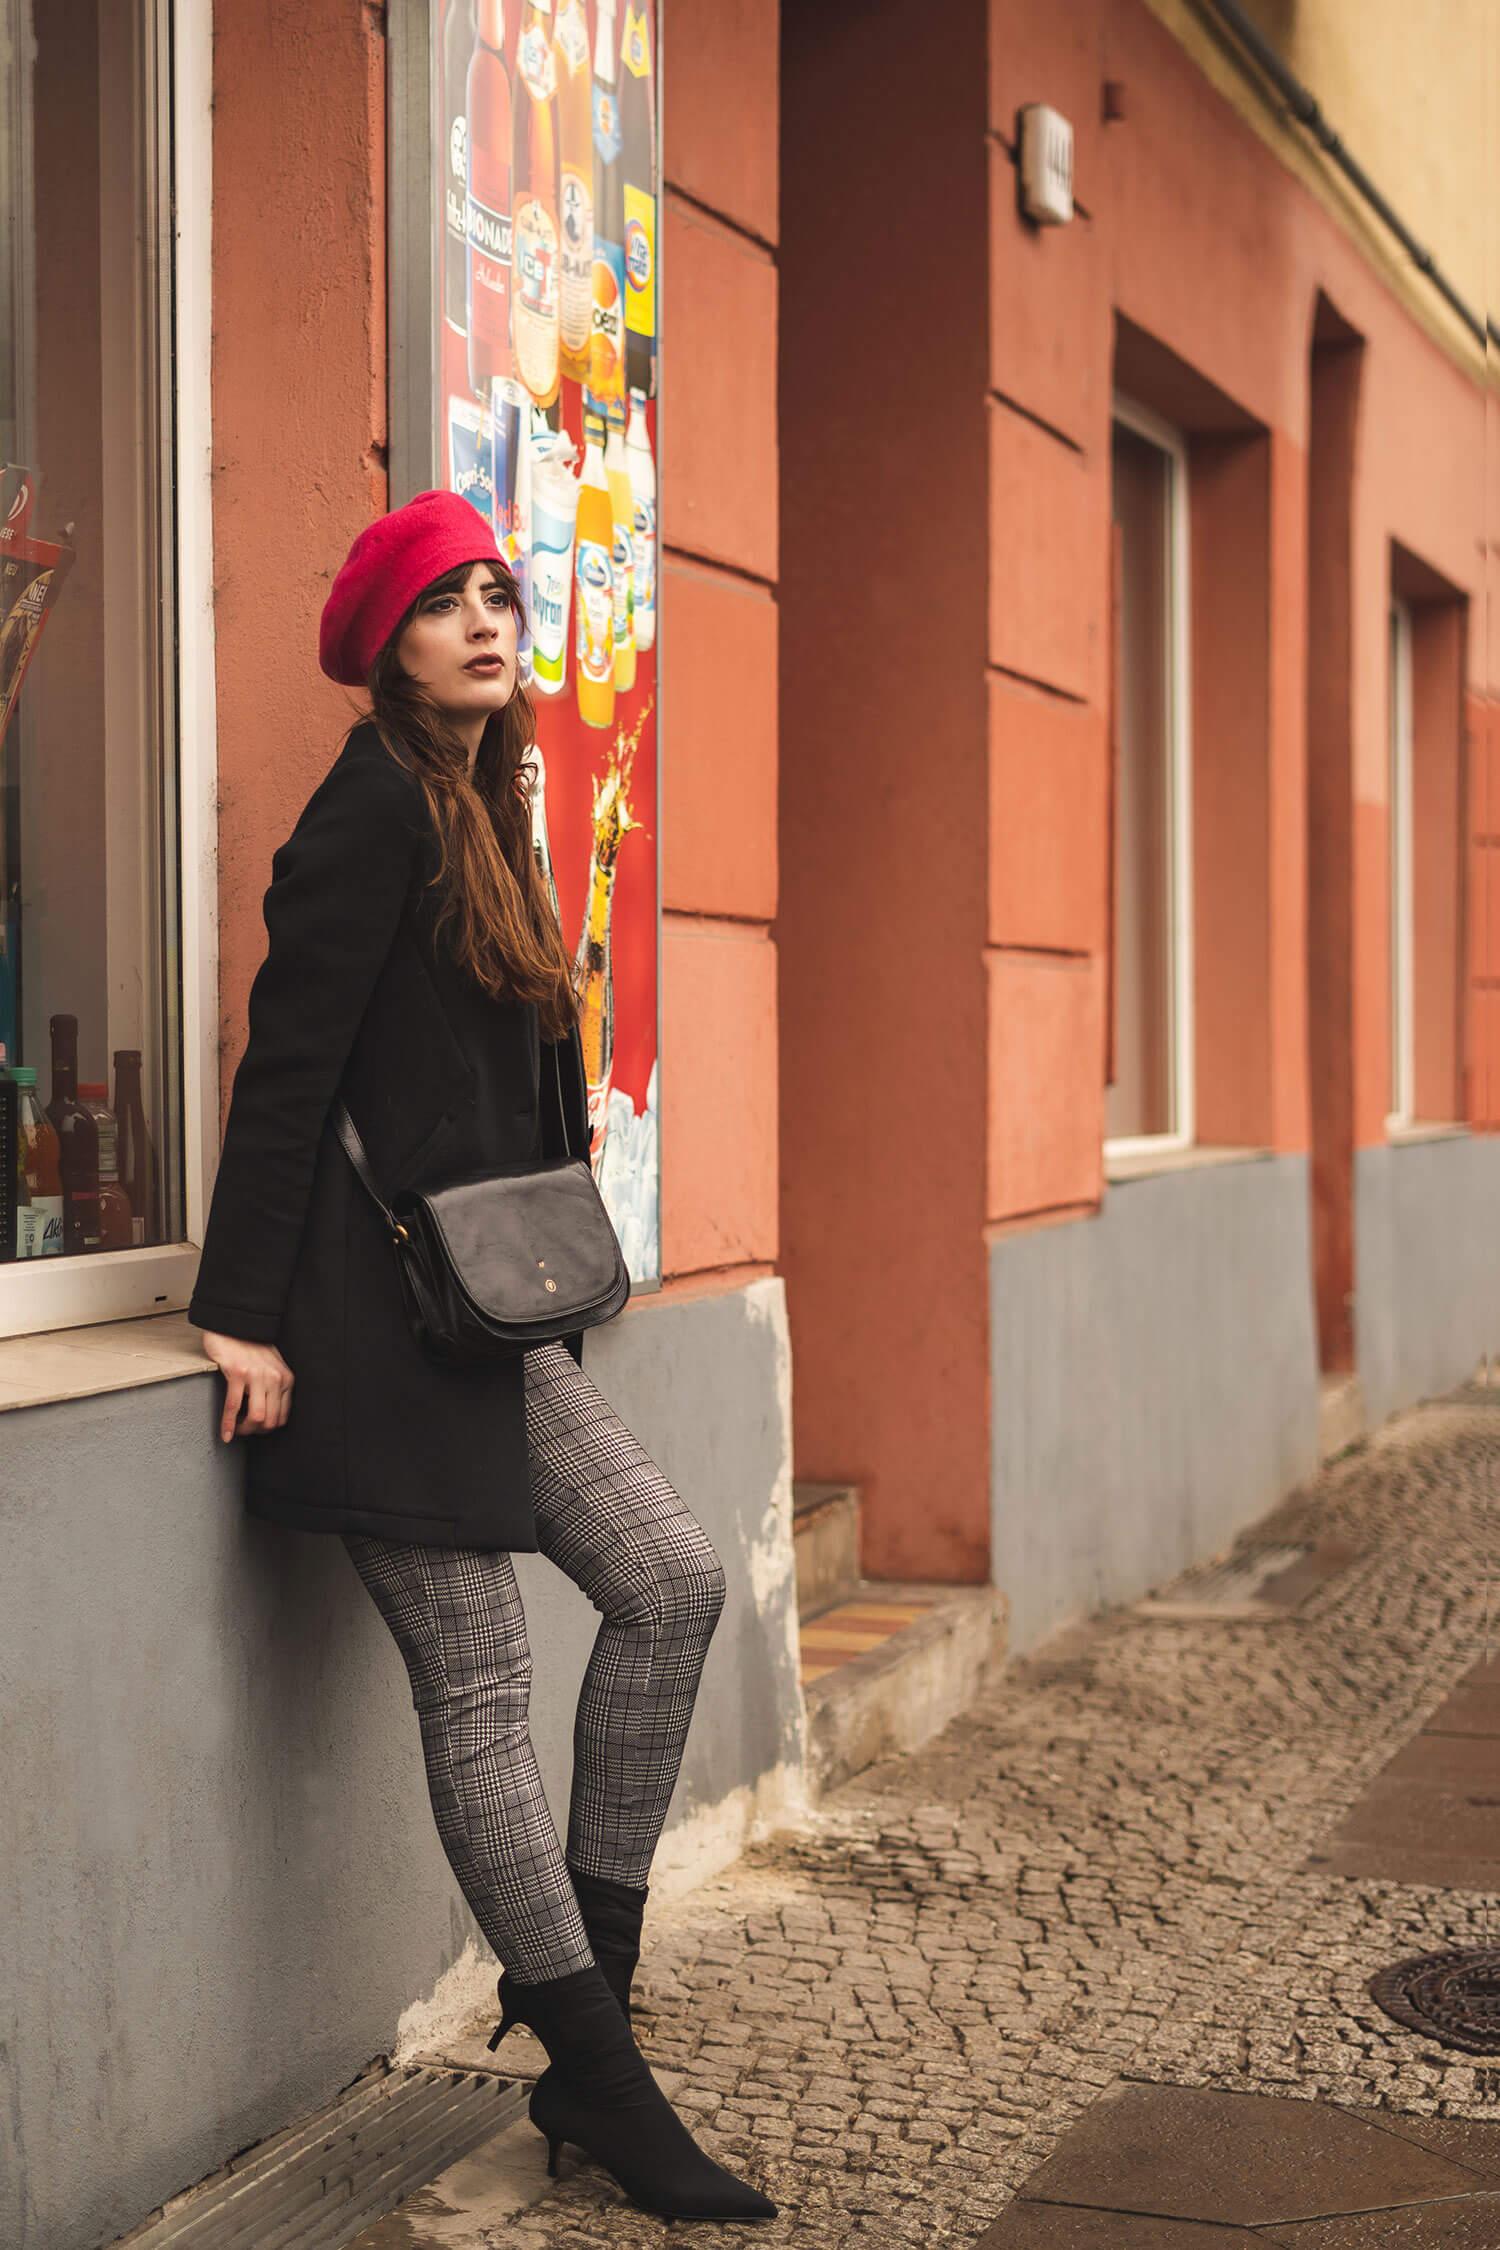 Baskenmütze-Farbtupfer zum Winterlook-Winteroutfit Modeblog-Shoelove Deichmann-andysparkles